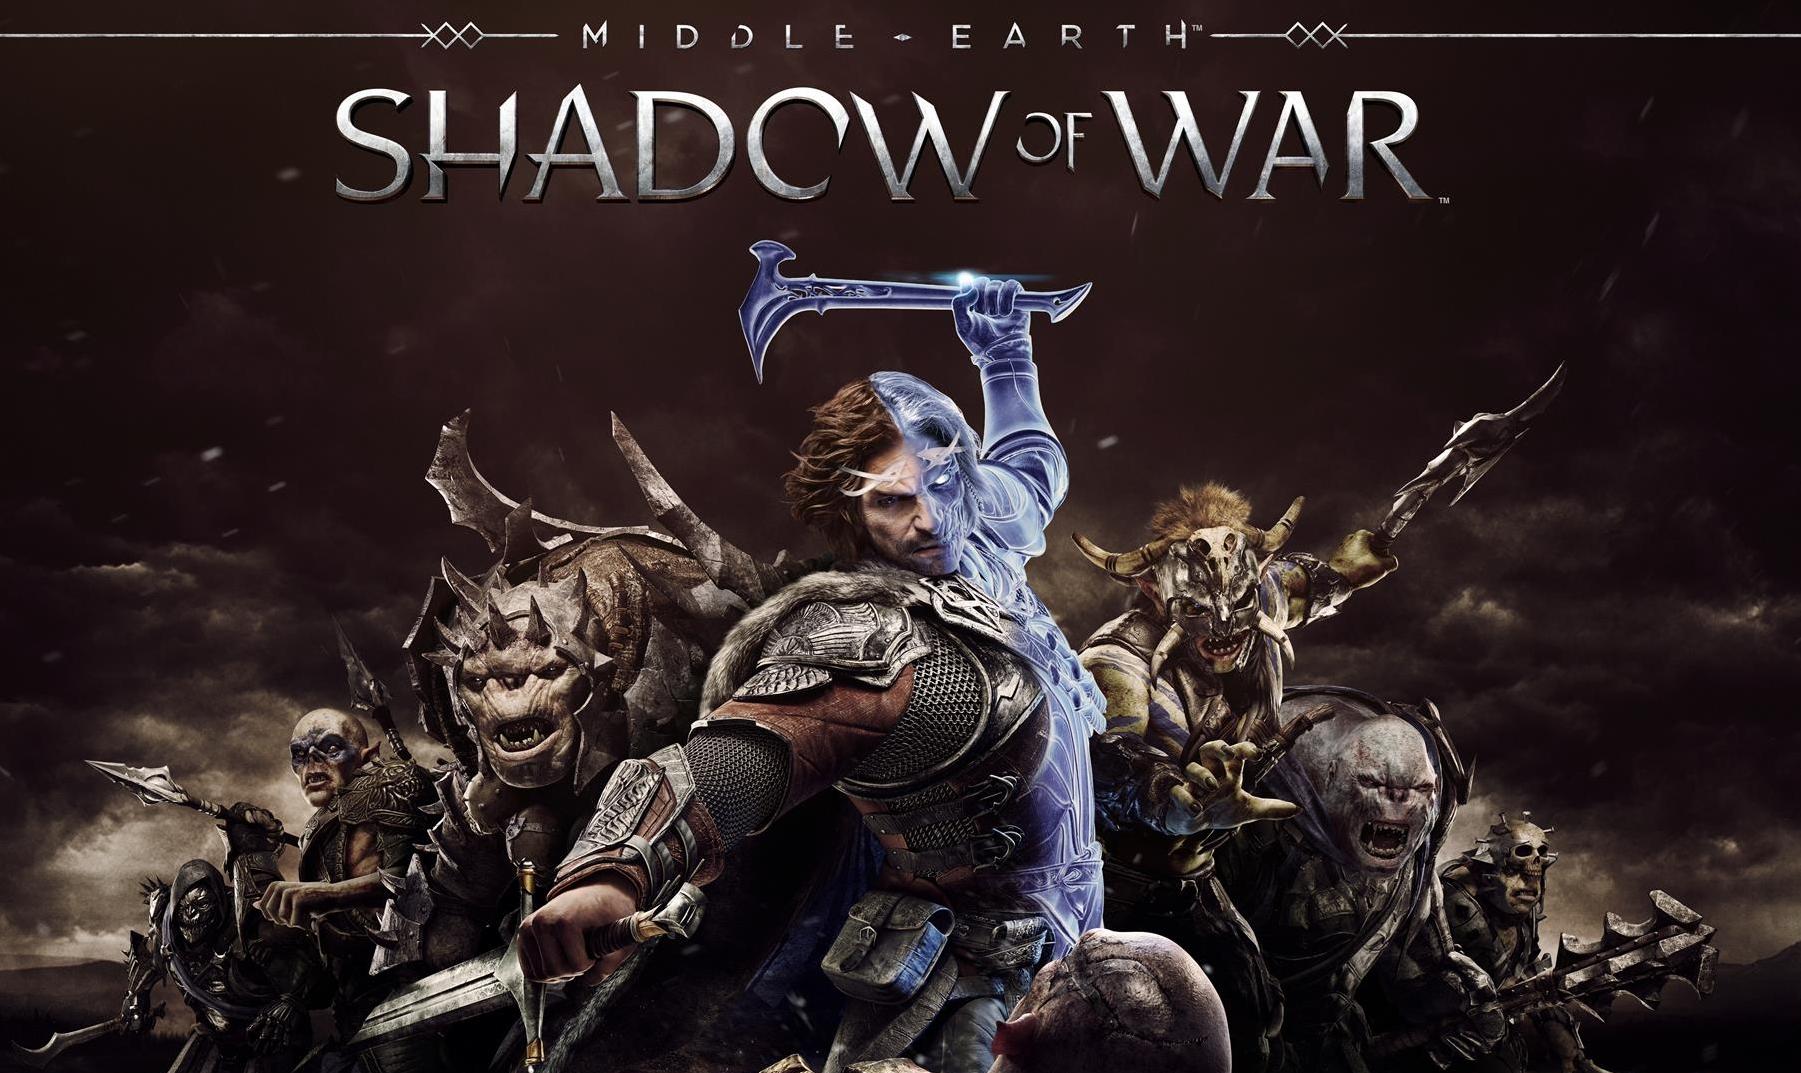 تماشا کنید: تریلر جدیدی از عنوان Middle-Earth: Shadow Of War منتشر شد